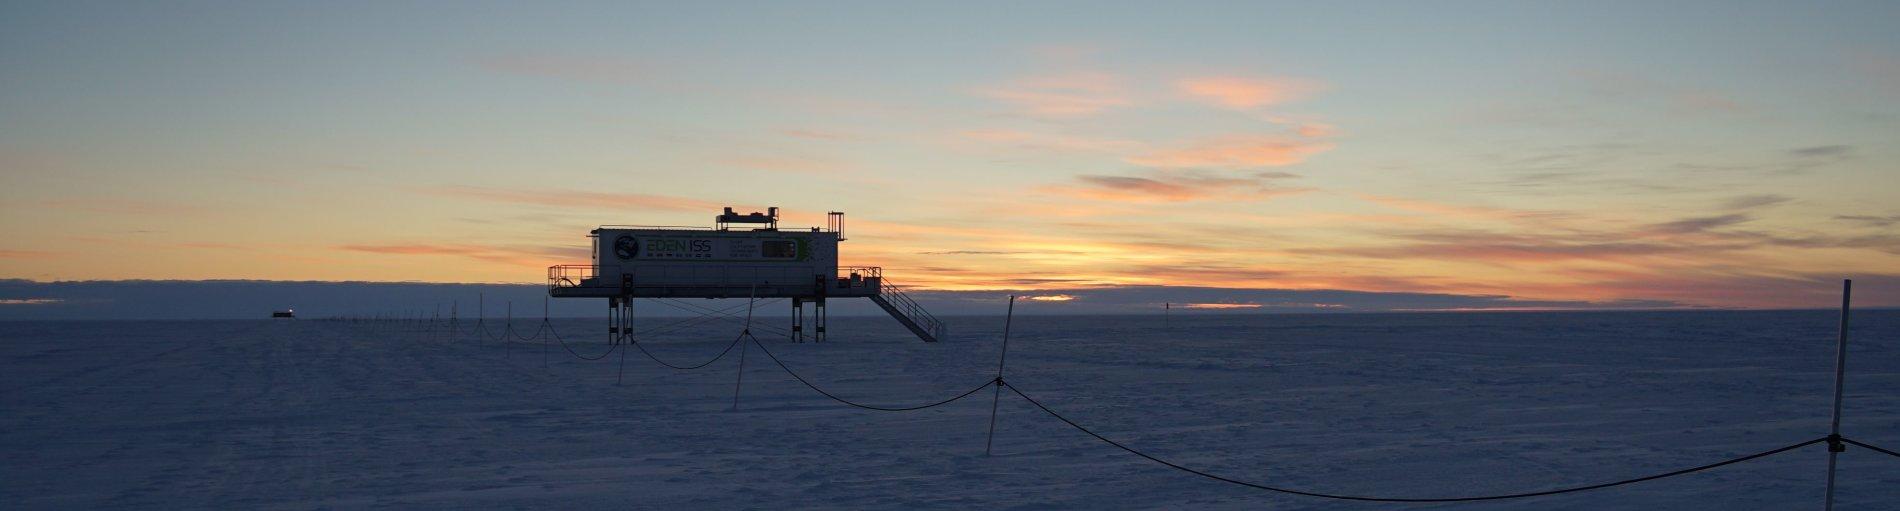 Eine Forschungsstation auf Stelzen im Schnee